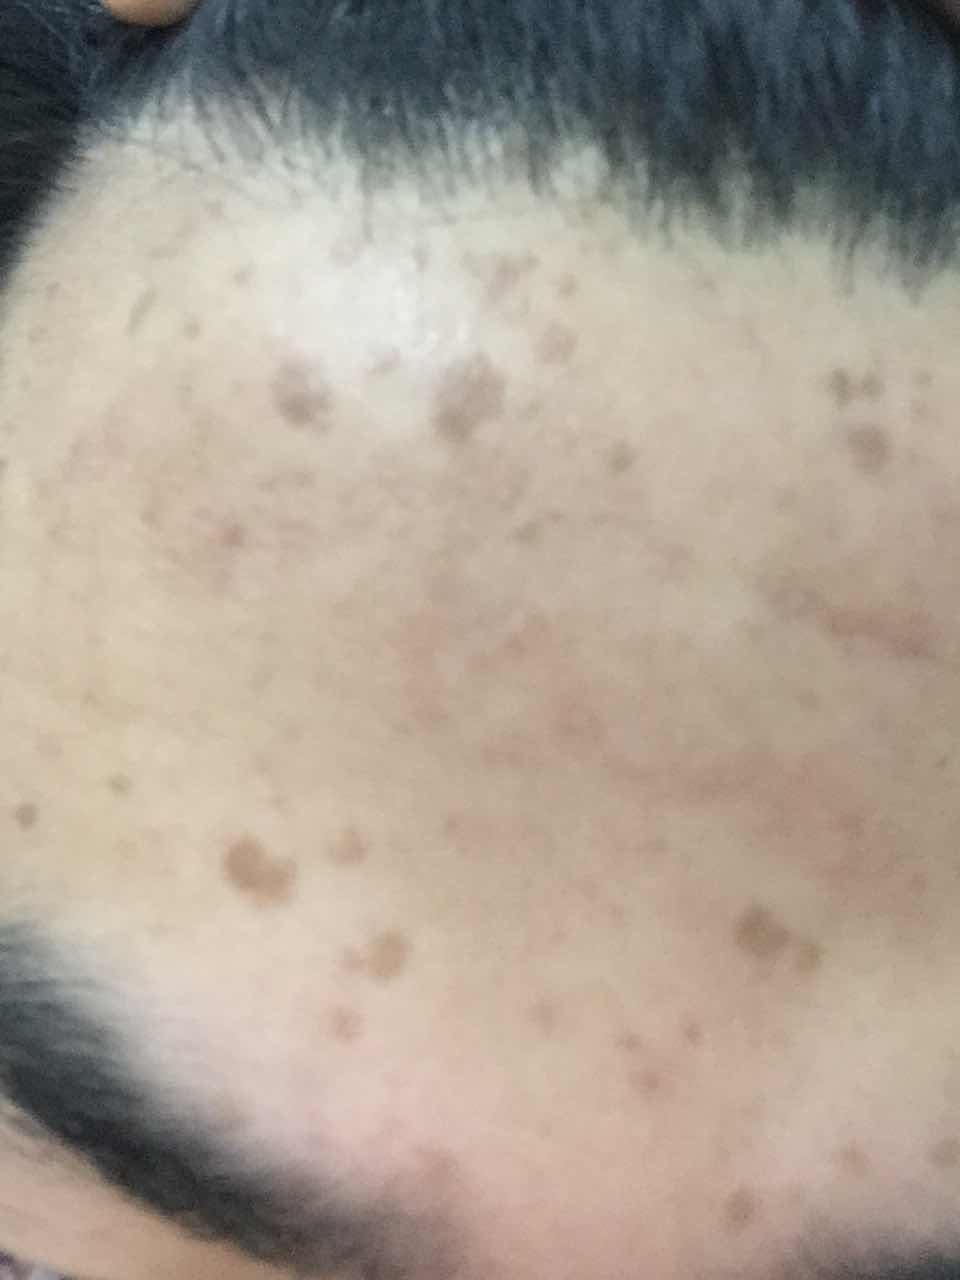 面部有很多痘印怎么办,额头上有的是小时候起水痘扣坏的后来形成的,有的是长痘留下的痘印,请问怎么能改善一些?